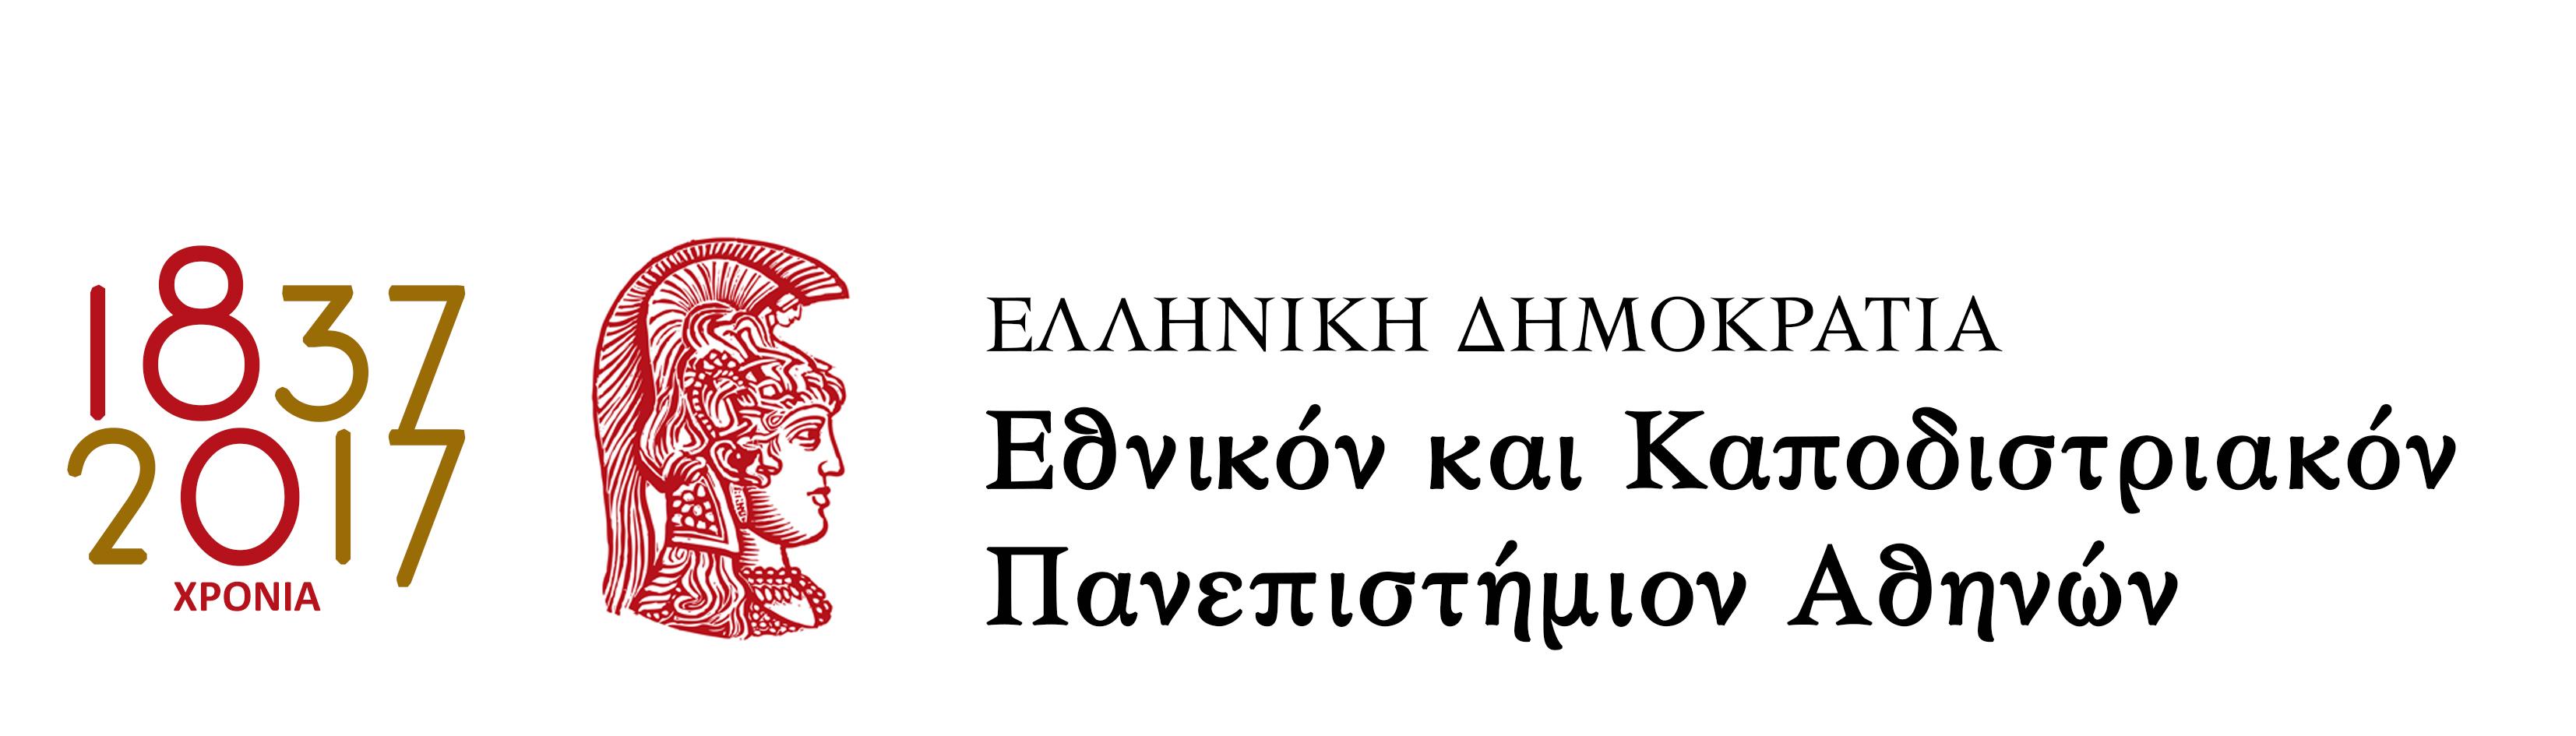 Δημοσίευση των αποτελεσμάτων του ελέγχου των λιποσωμιακών προιόντων της Doctor's Formulas στο ASEM